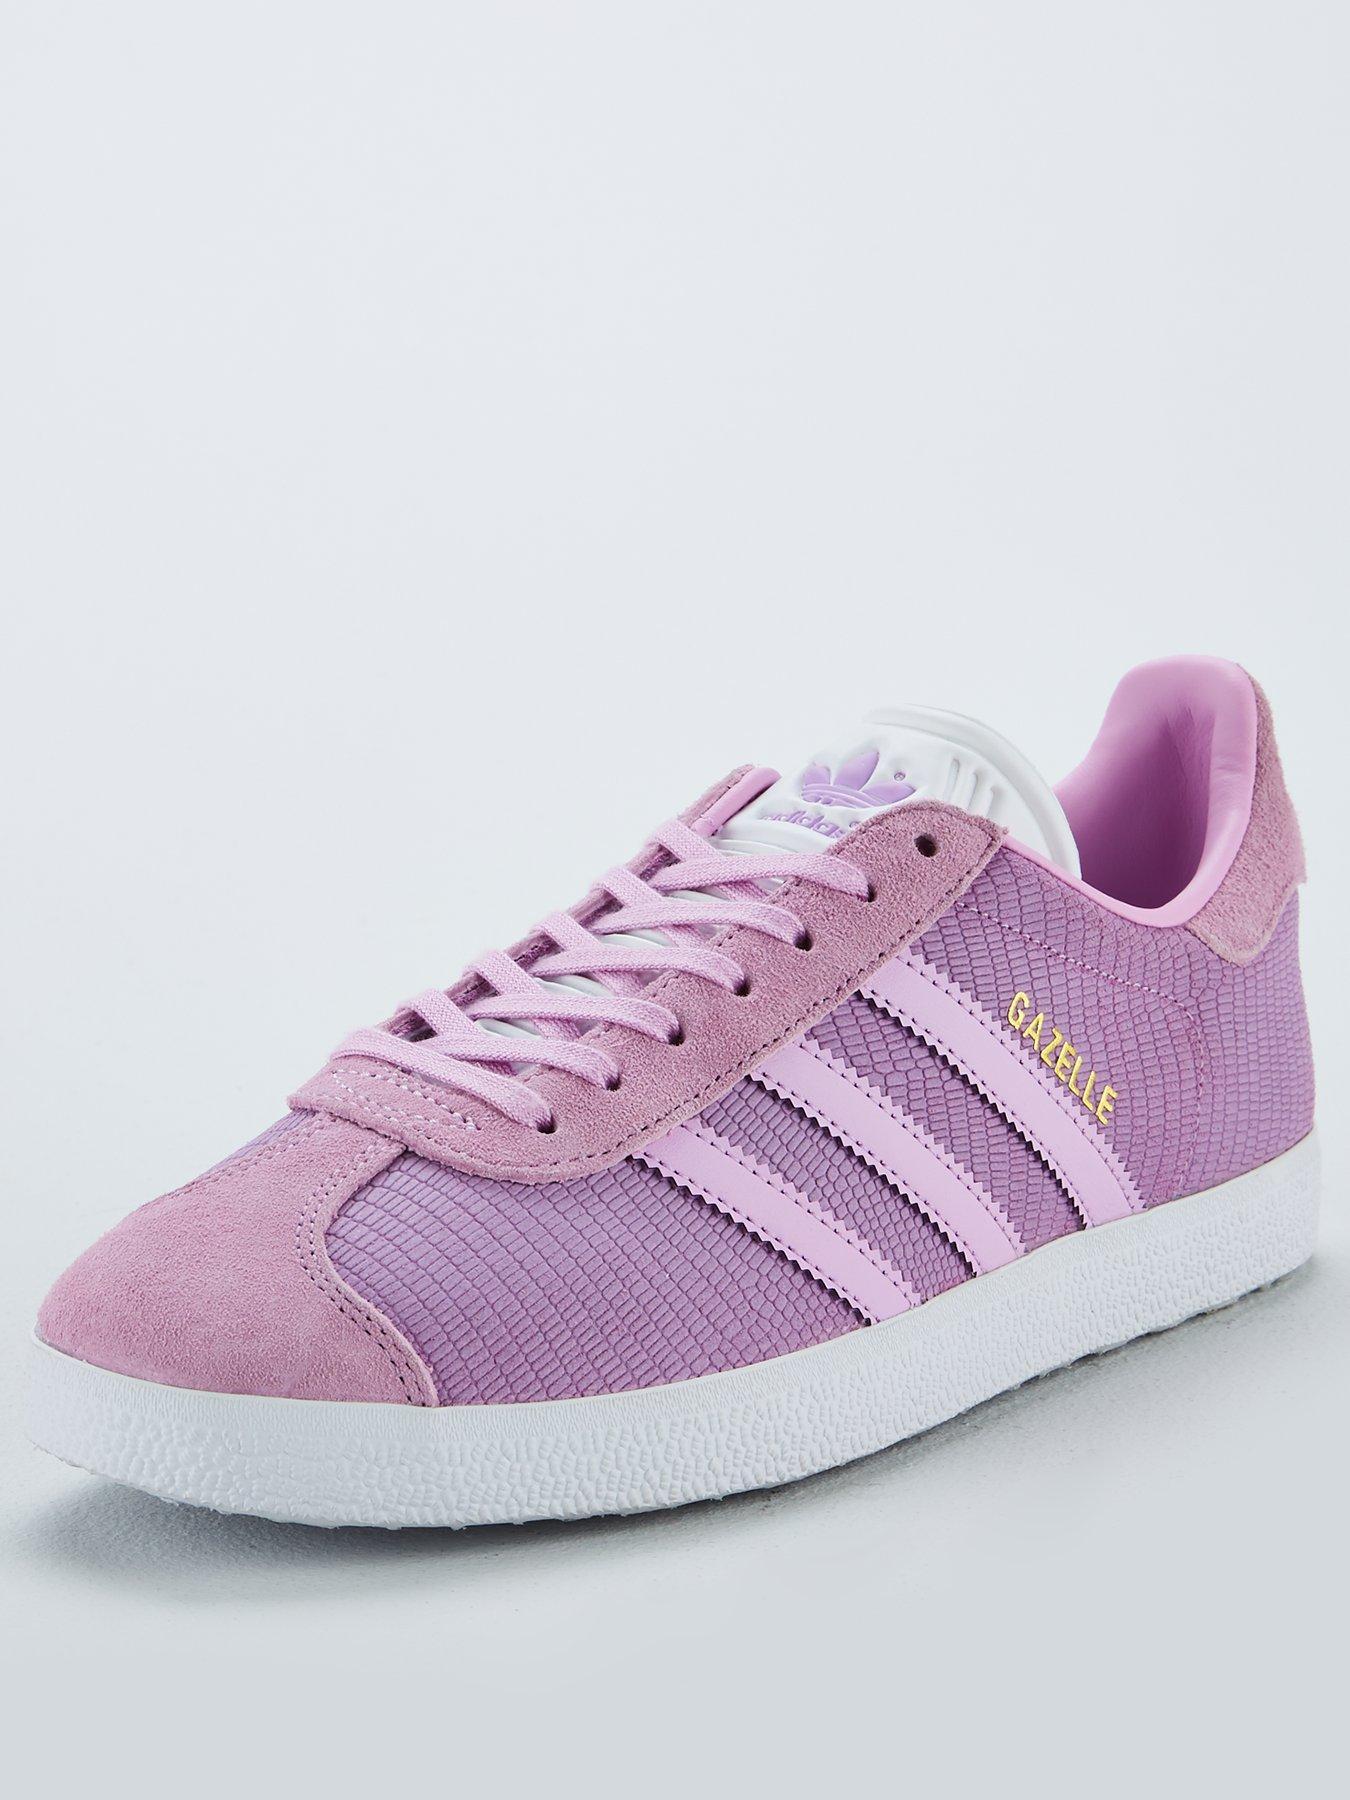 adidas superstar rosa bunt